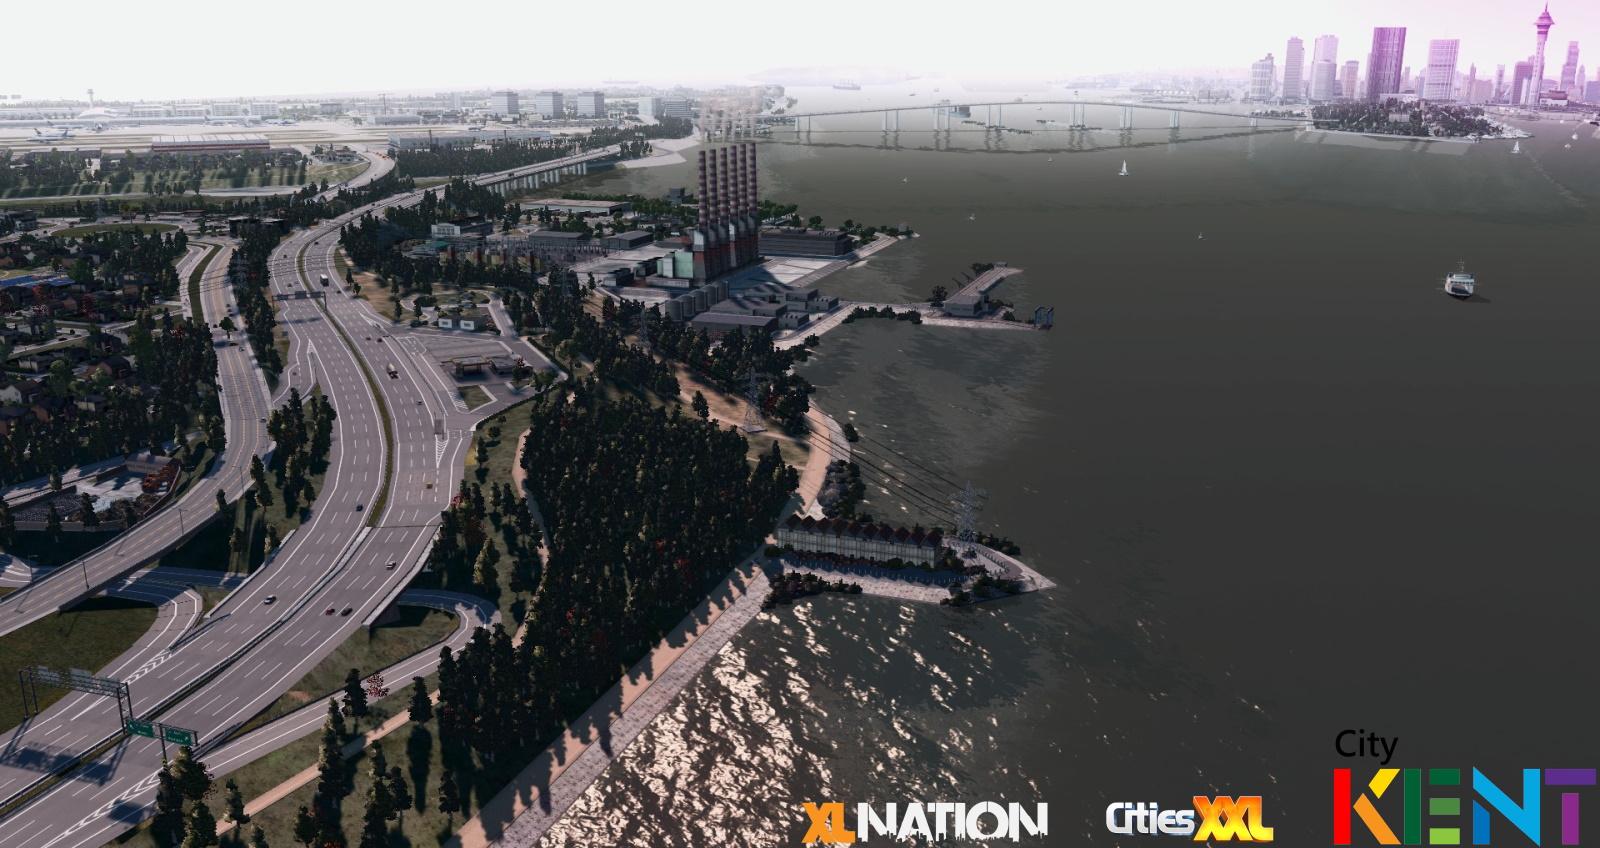 General_View_KENT17_XLN_CitiesXXL.jpg